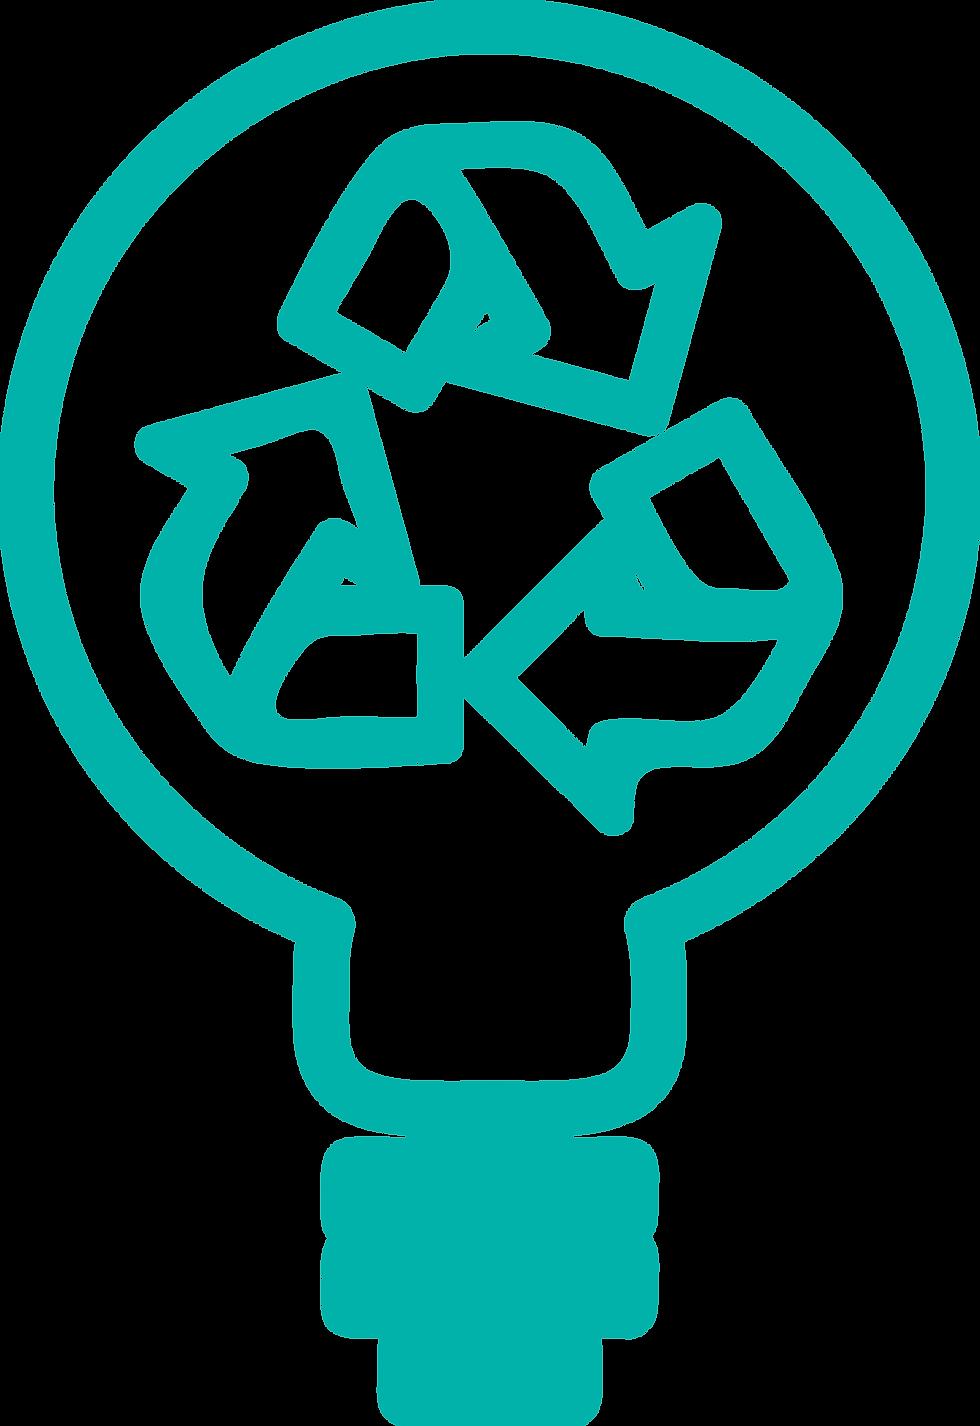 En esta imagen podemos ver una bombilla con unas flechas que representa la renovación constante de las propuestas de valor para los clientes de Prosei.